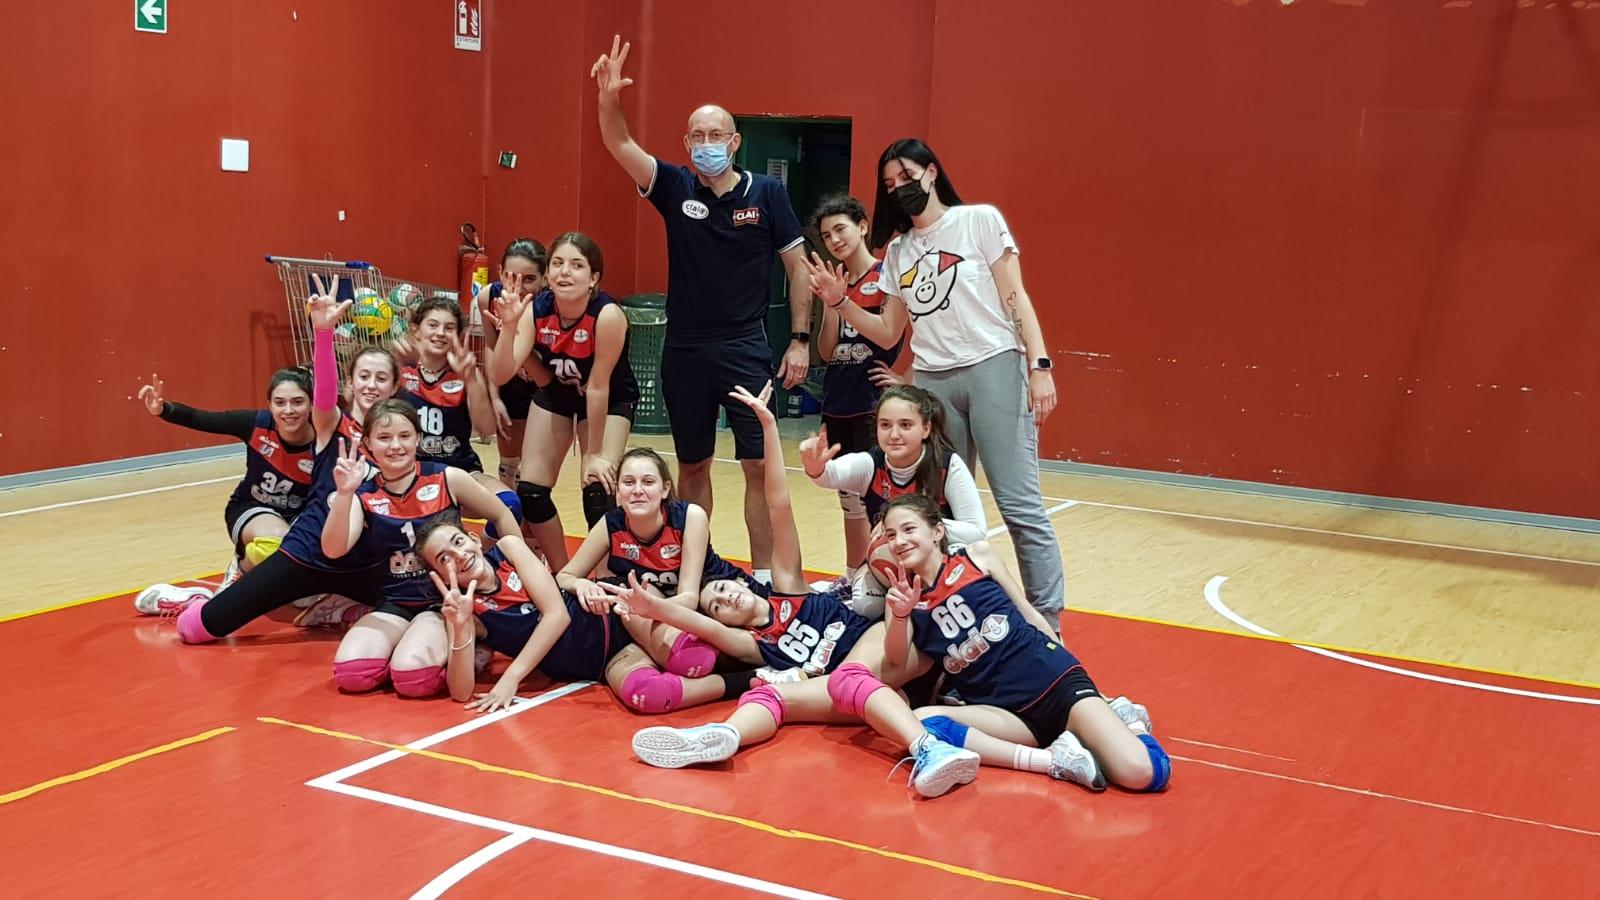 Vincono bene New Team in Under 15 e Csi Clai B in Under 13